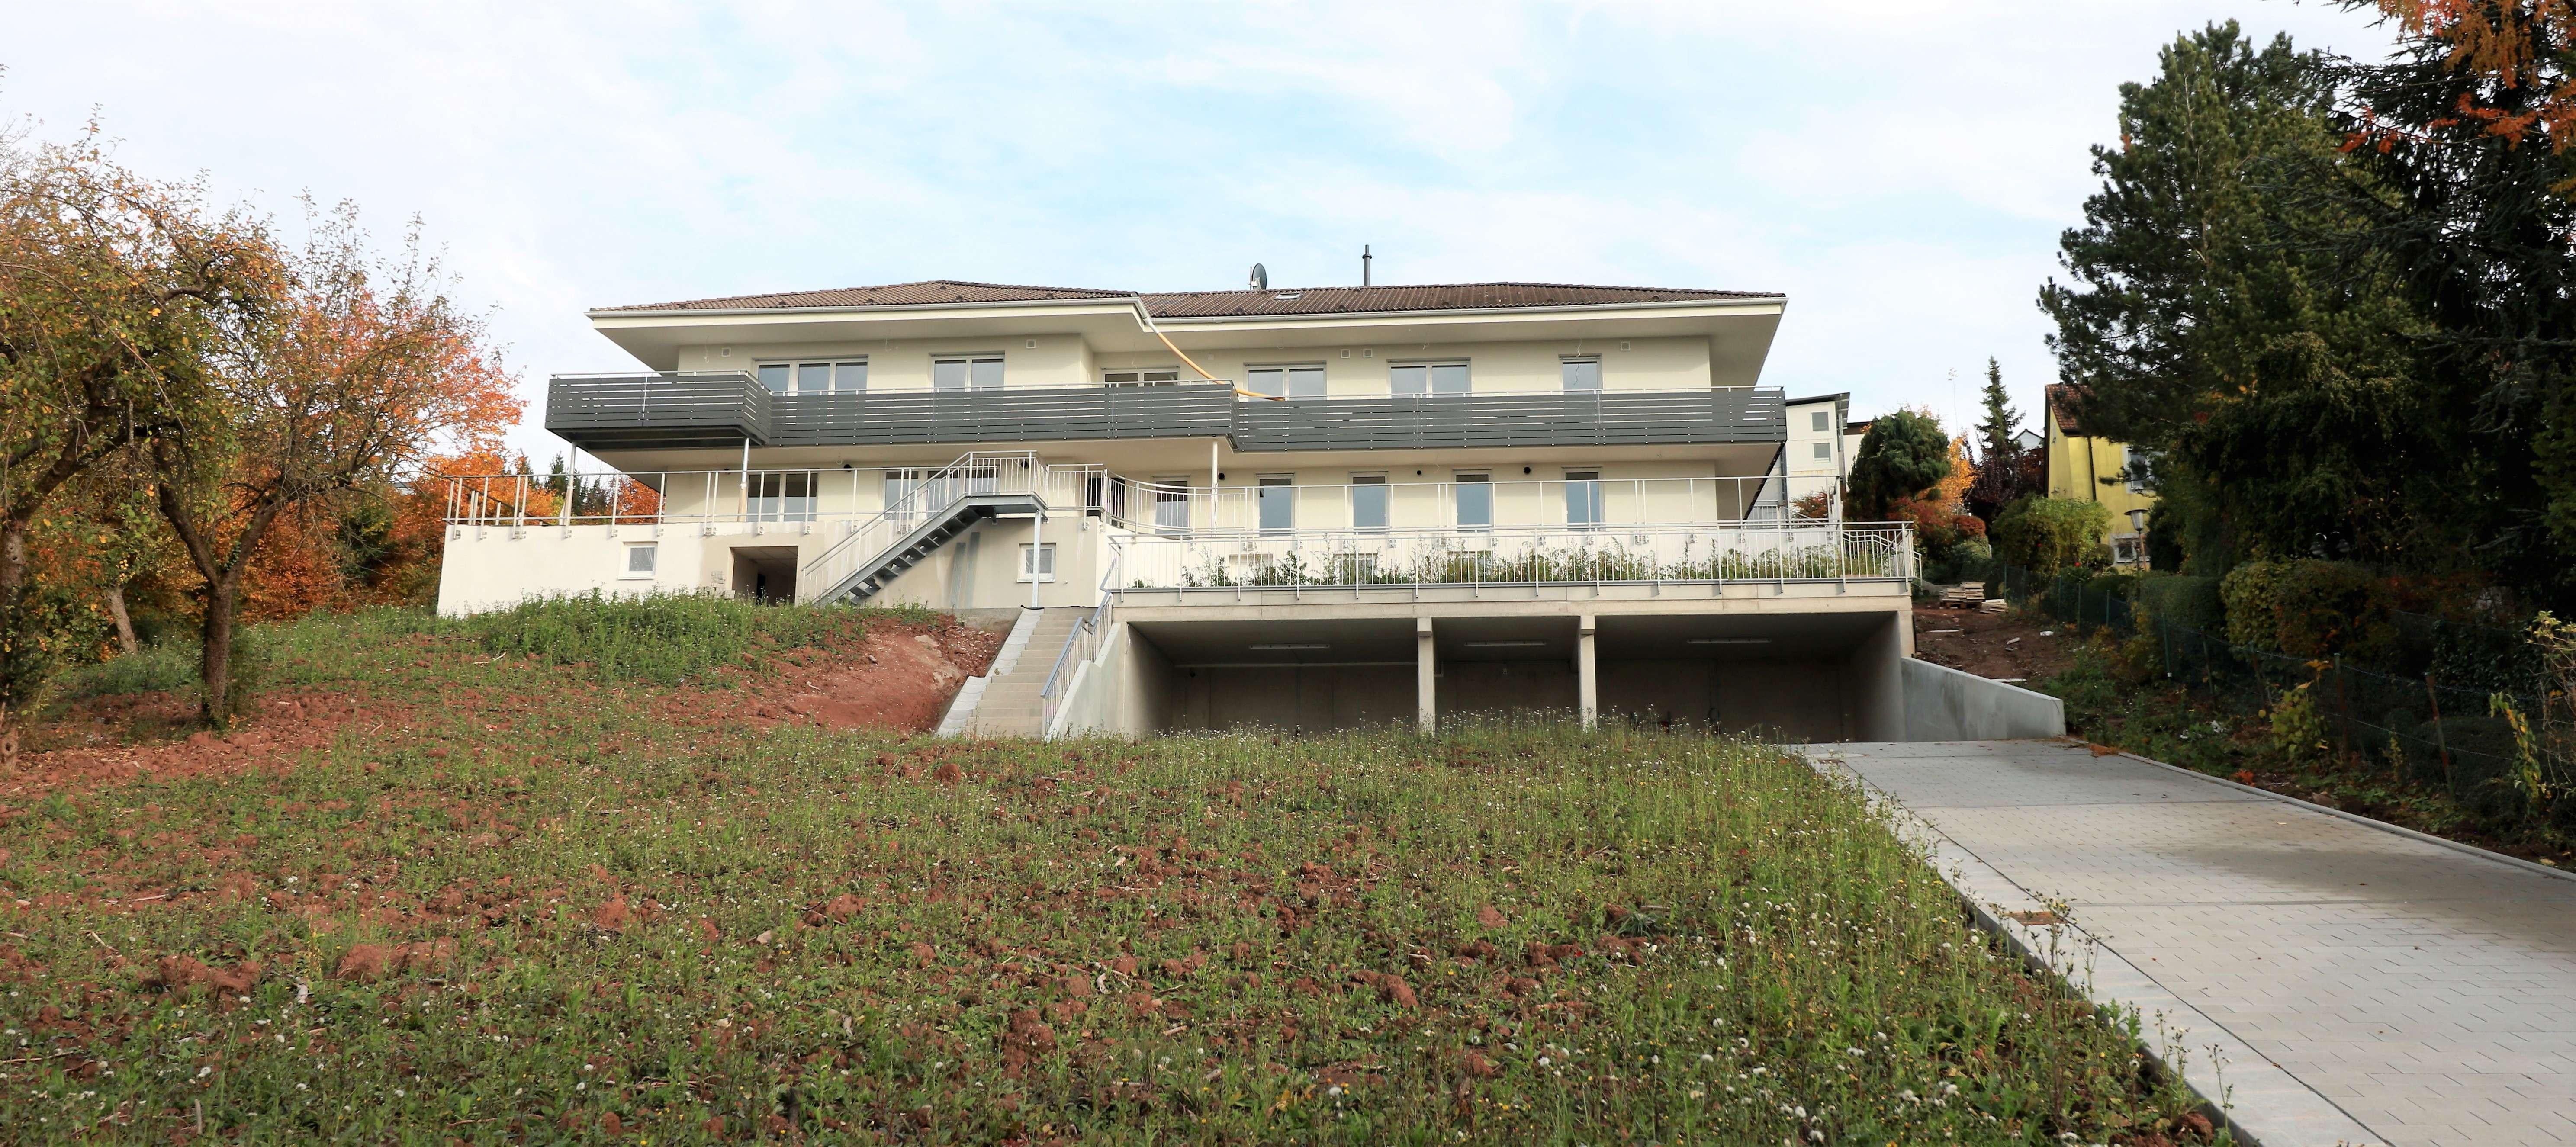 Zu vermieten: Moderne 3- Zi. Wohnung, Tageslichtbad, große Panoramaterrasse, Erstbezug in Eyb (Ansbach)